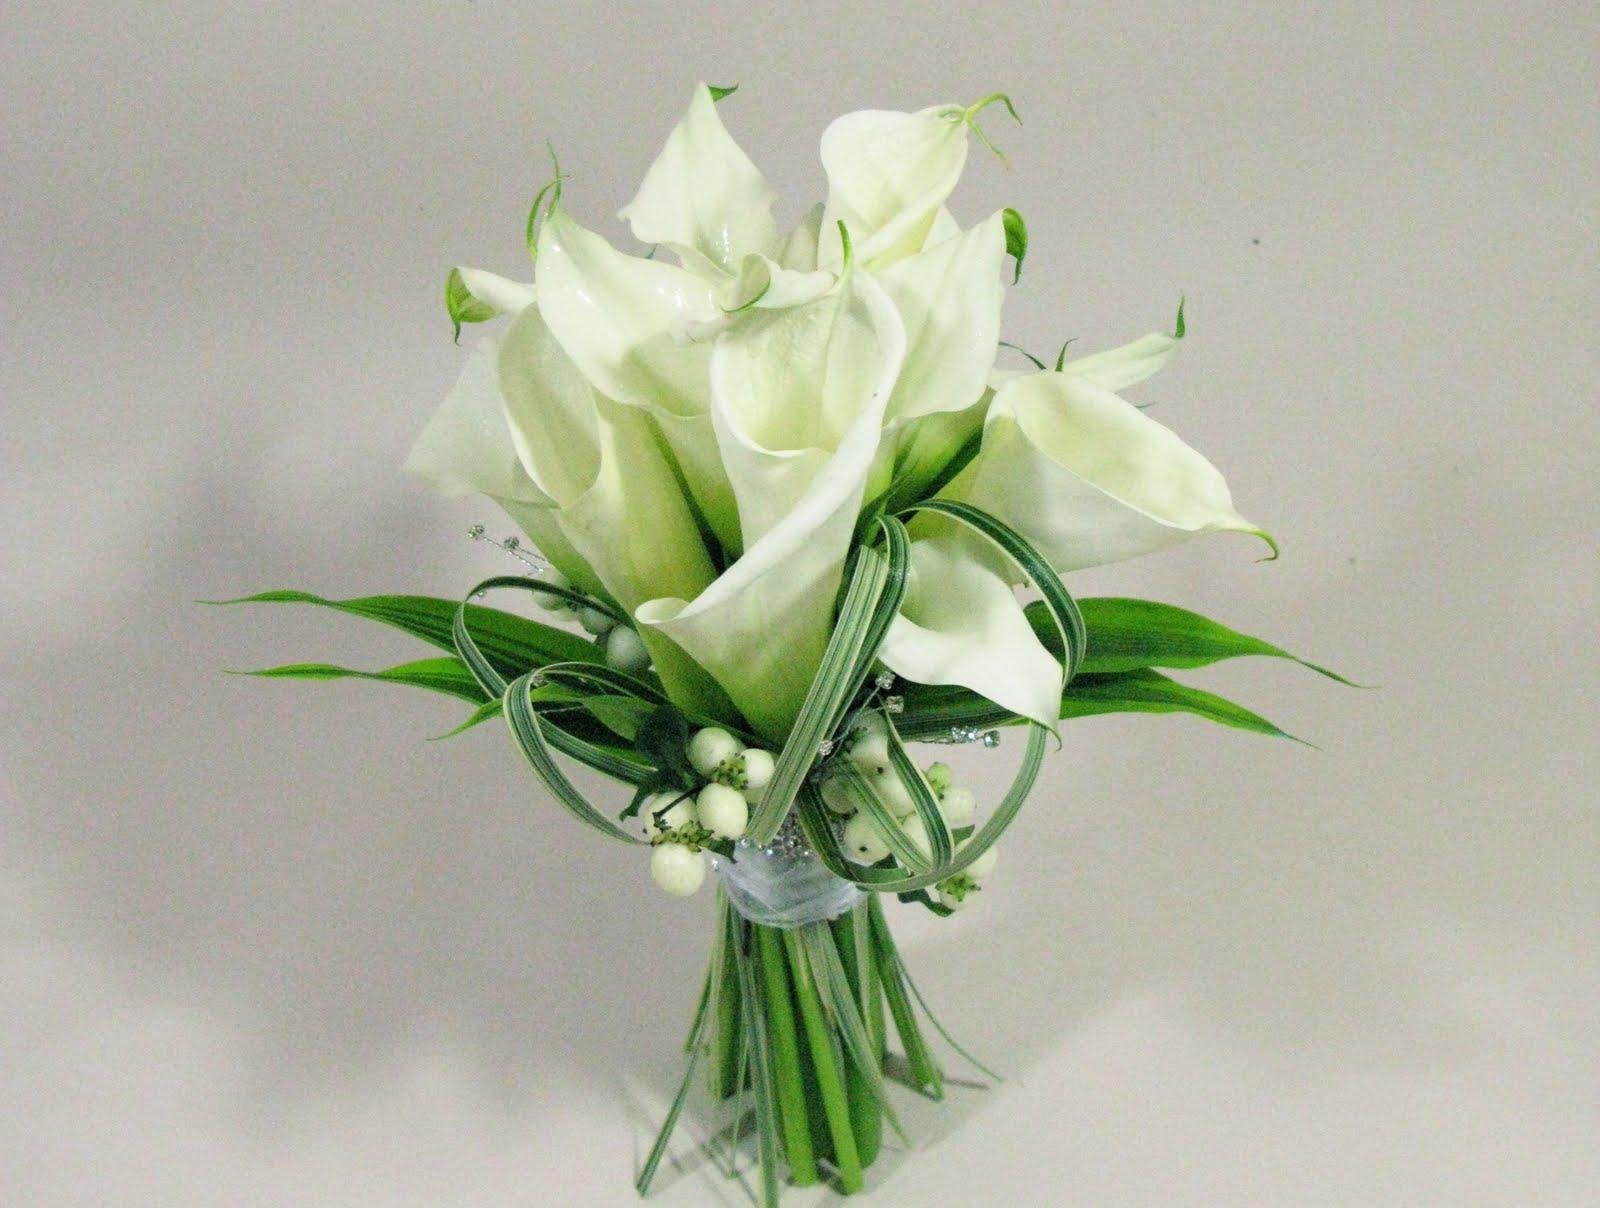 Hills Florist: Bridal Bouquets